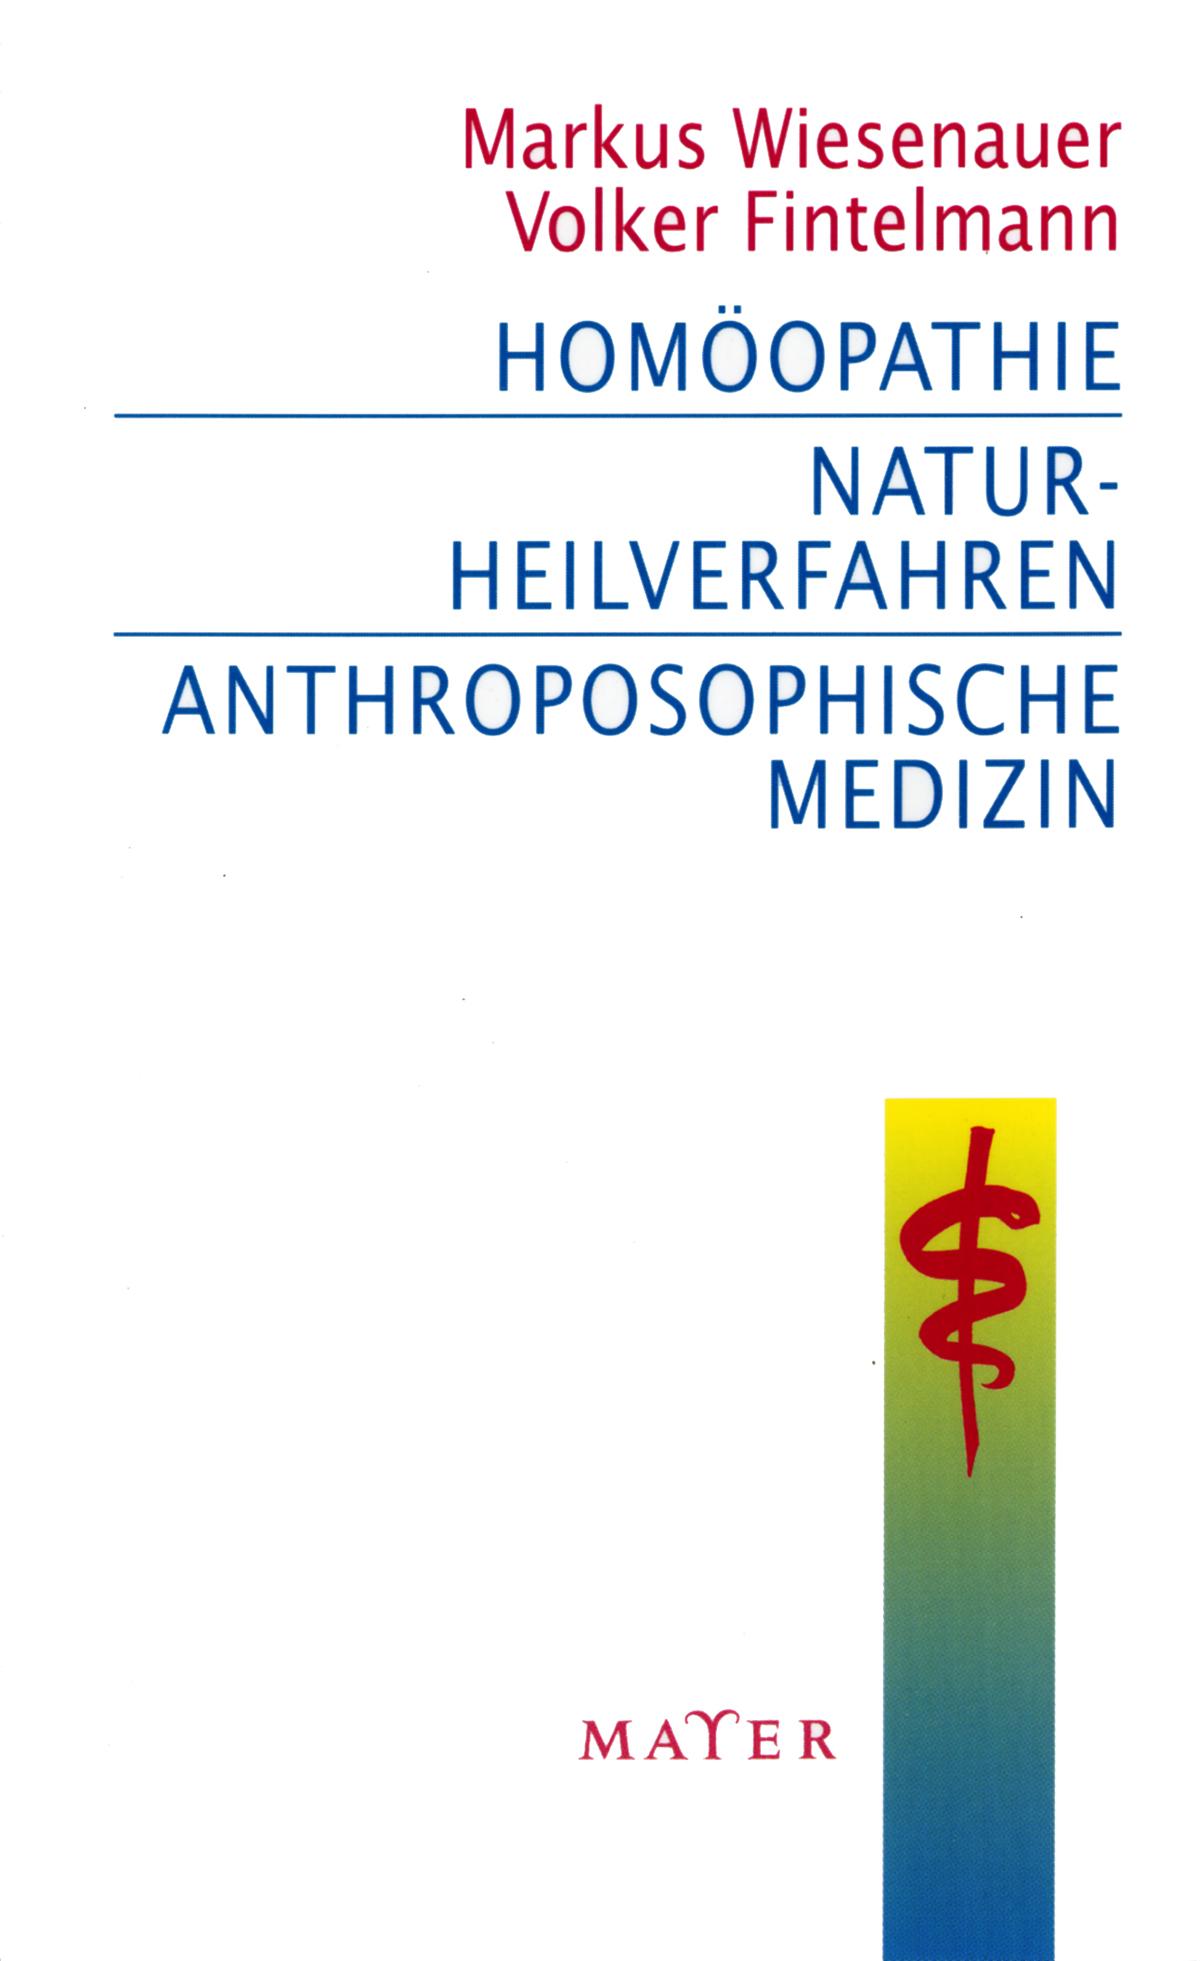 Homöopathie - Naturheilverfahren - Anthroposophische Medizin Markus Wiesena ...